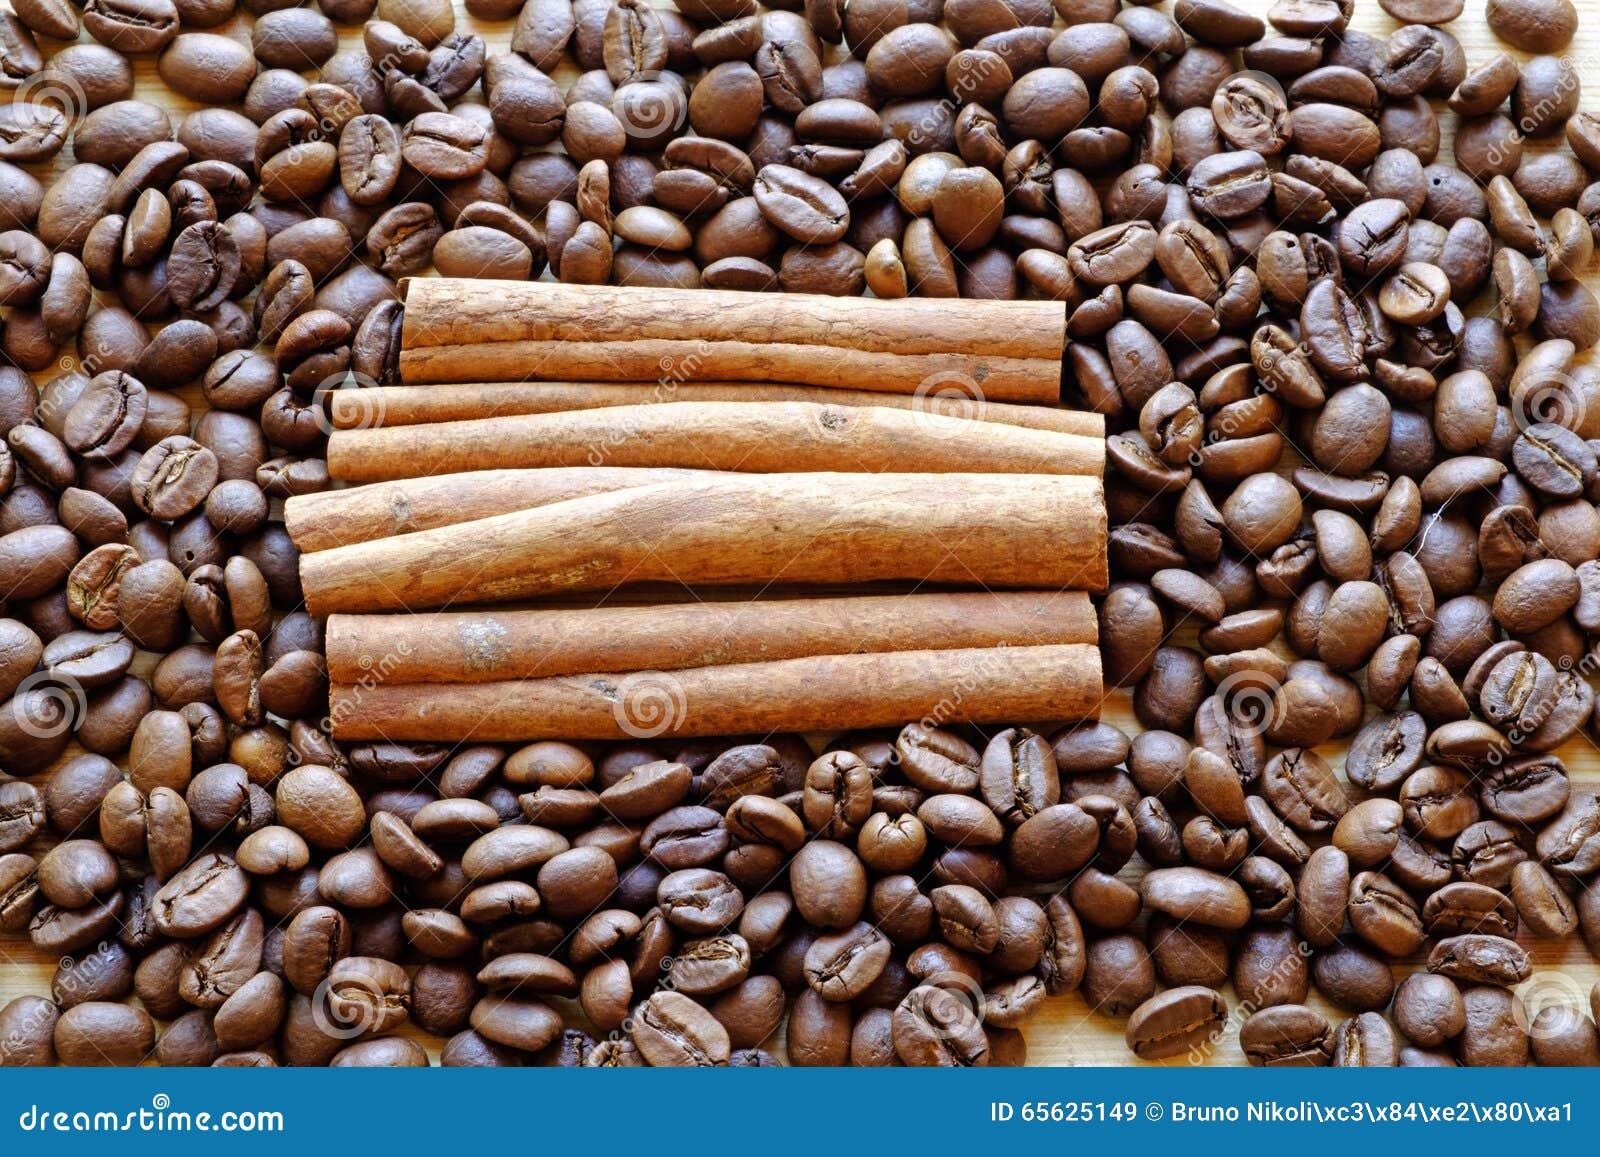 Le paysage carré serré de grains de café et de bâtons de cannelle complètent